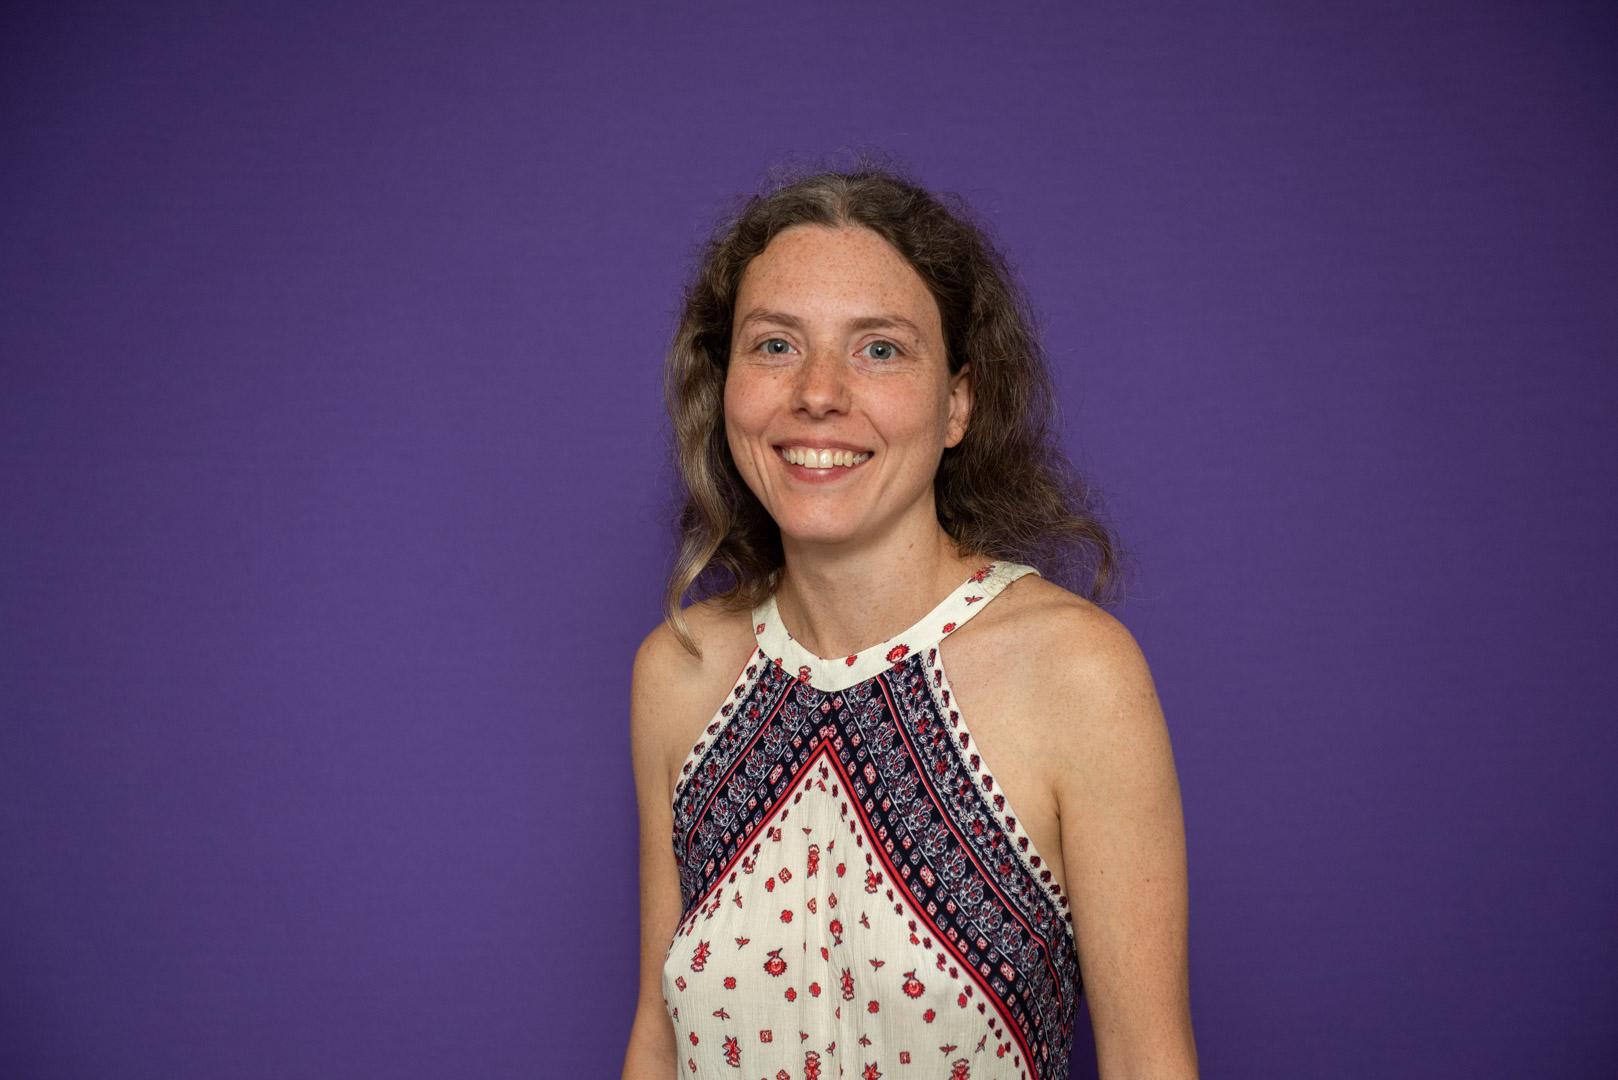 Tatiana Aitken tantric massage therapist wearing a blue and white dress